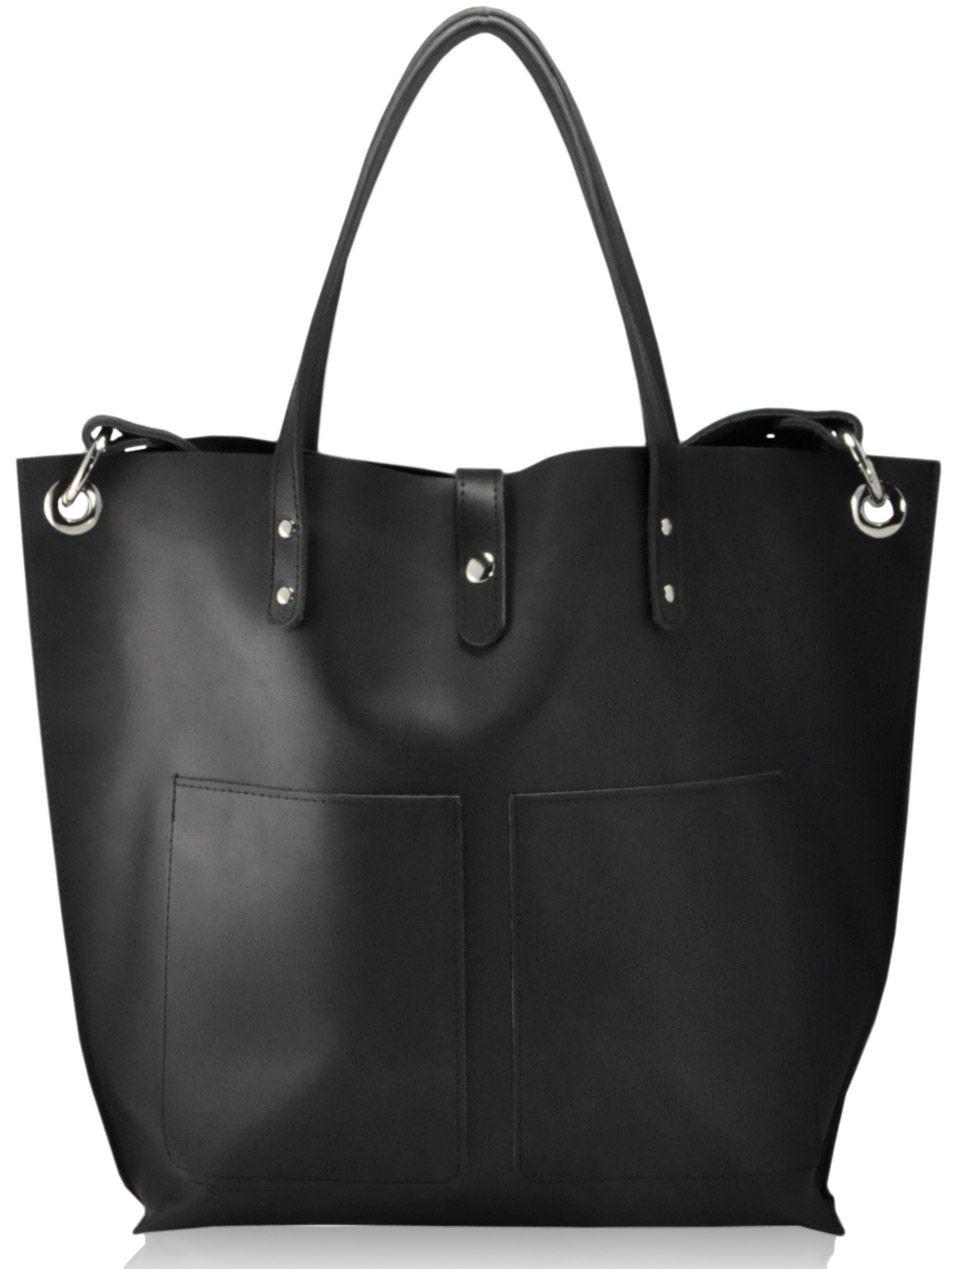 Женская кожаная сумка Cowboy черная